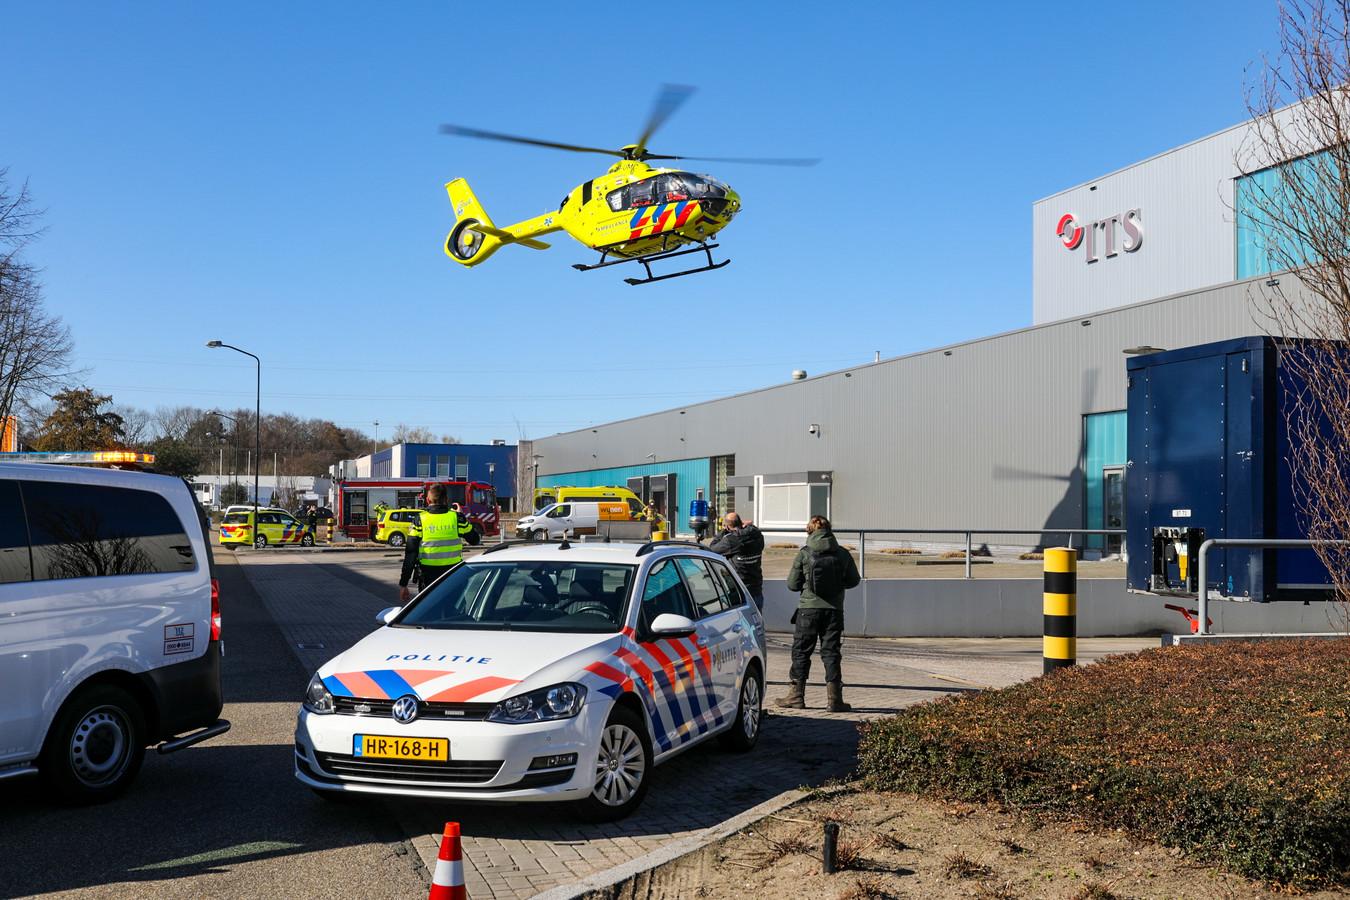 De traumahelikopter landt vlakbij het bedrijf.